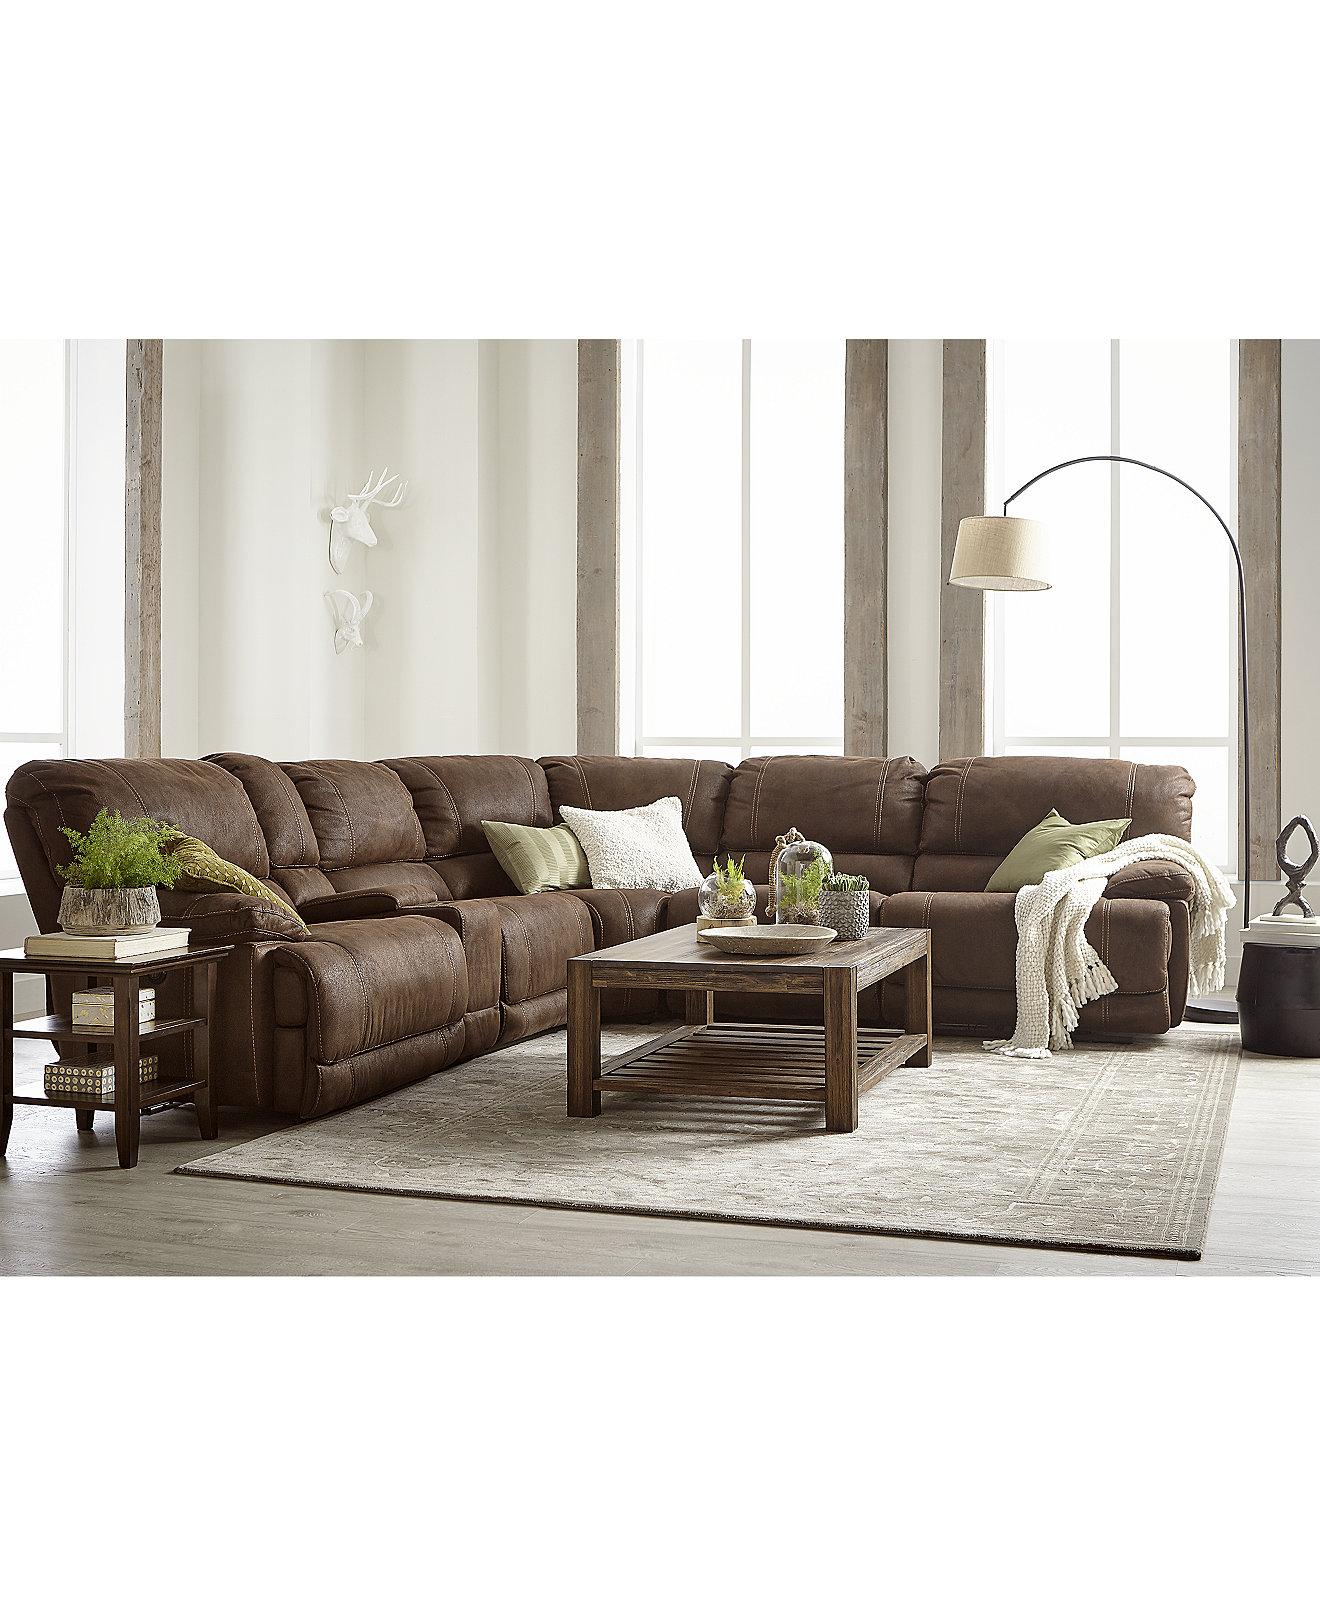 Sectional sofas okc refil sofa for Sectional sofas okc